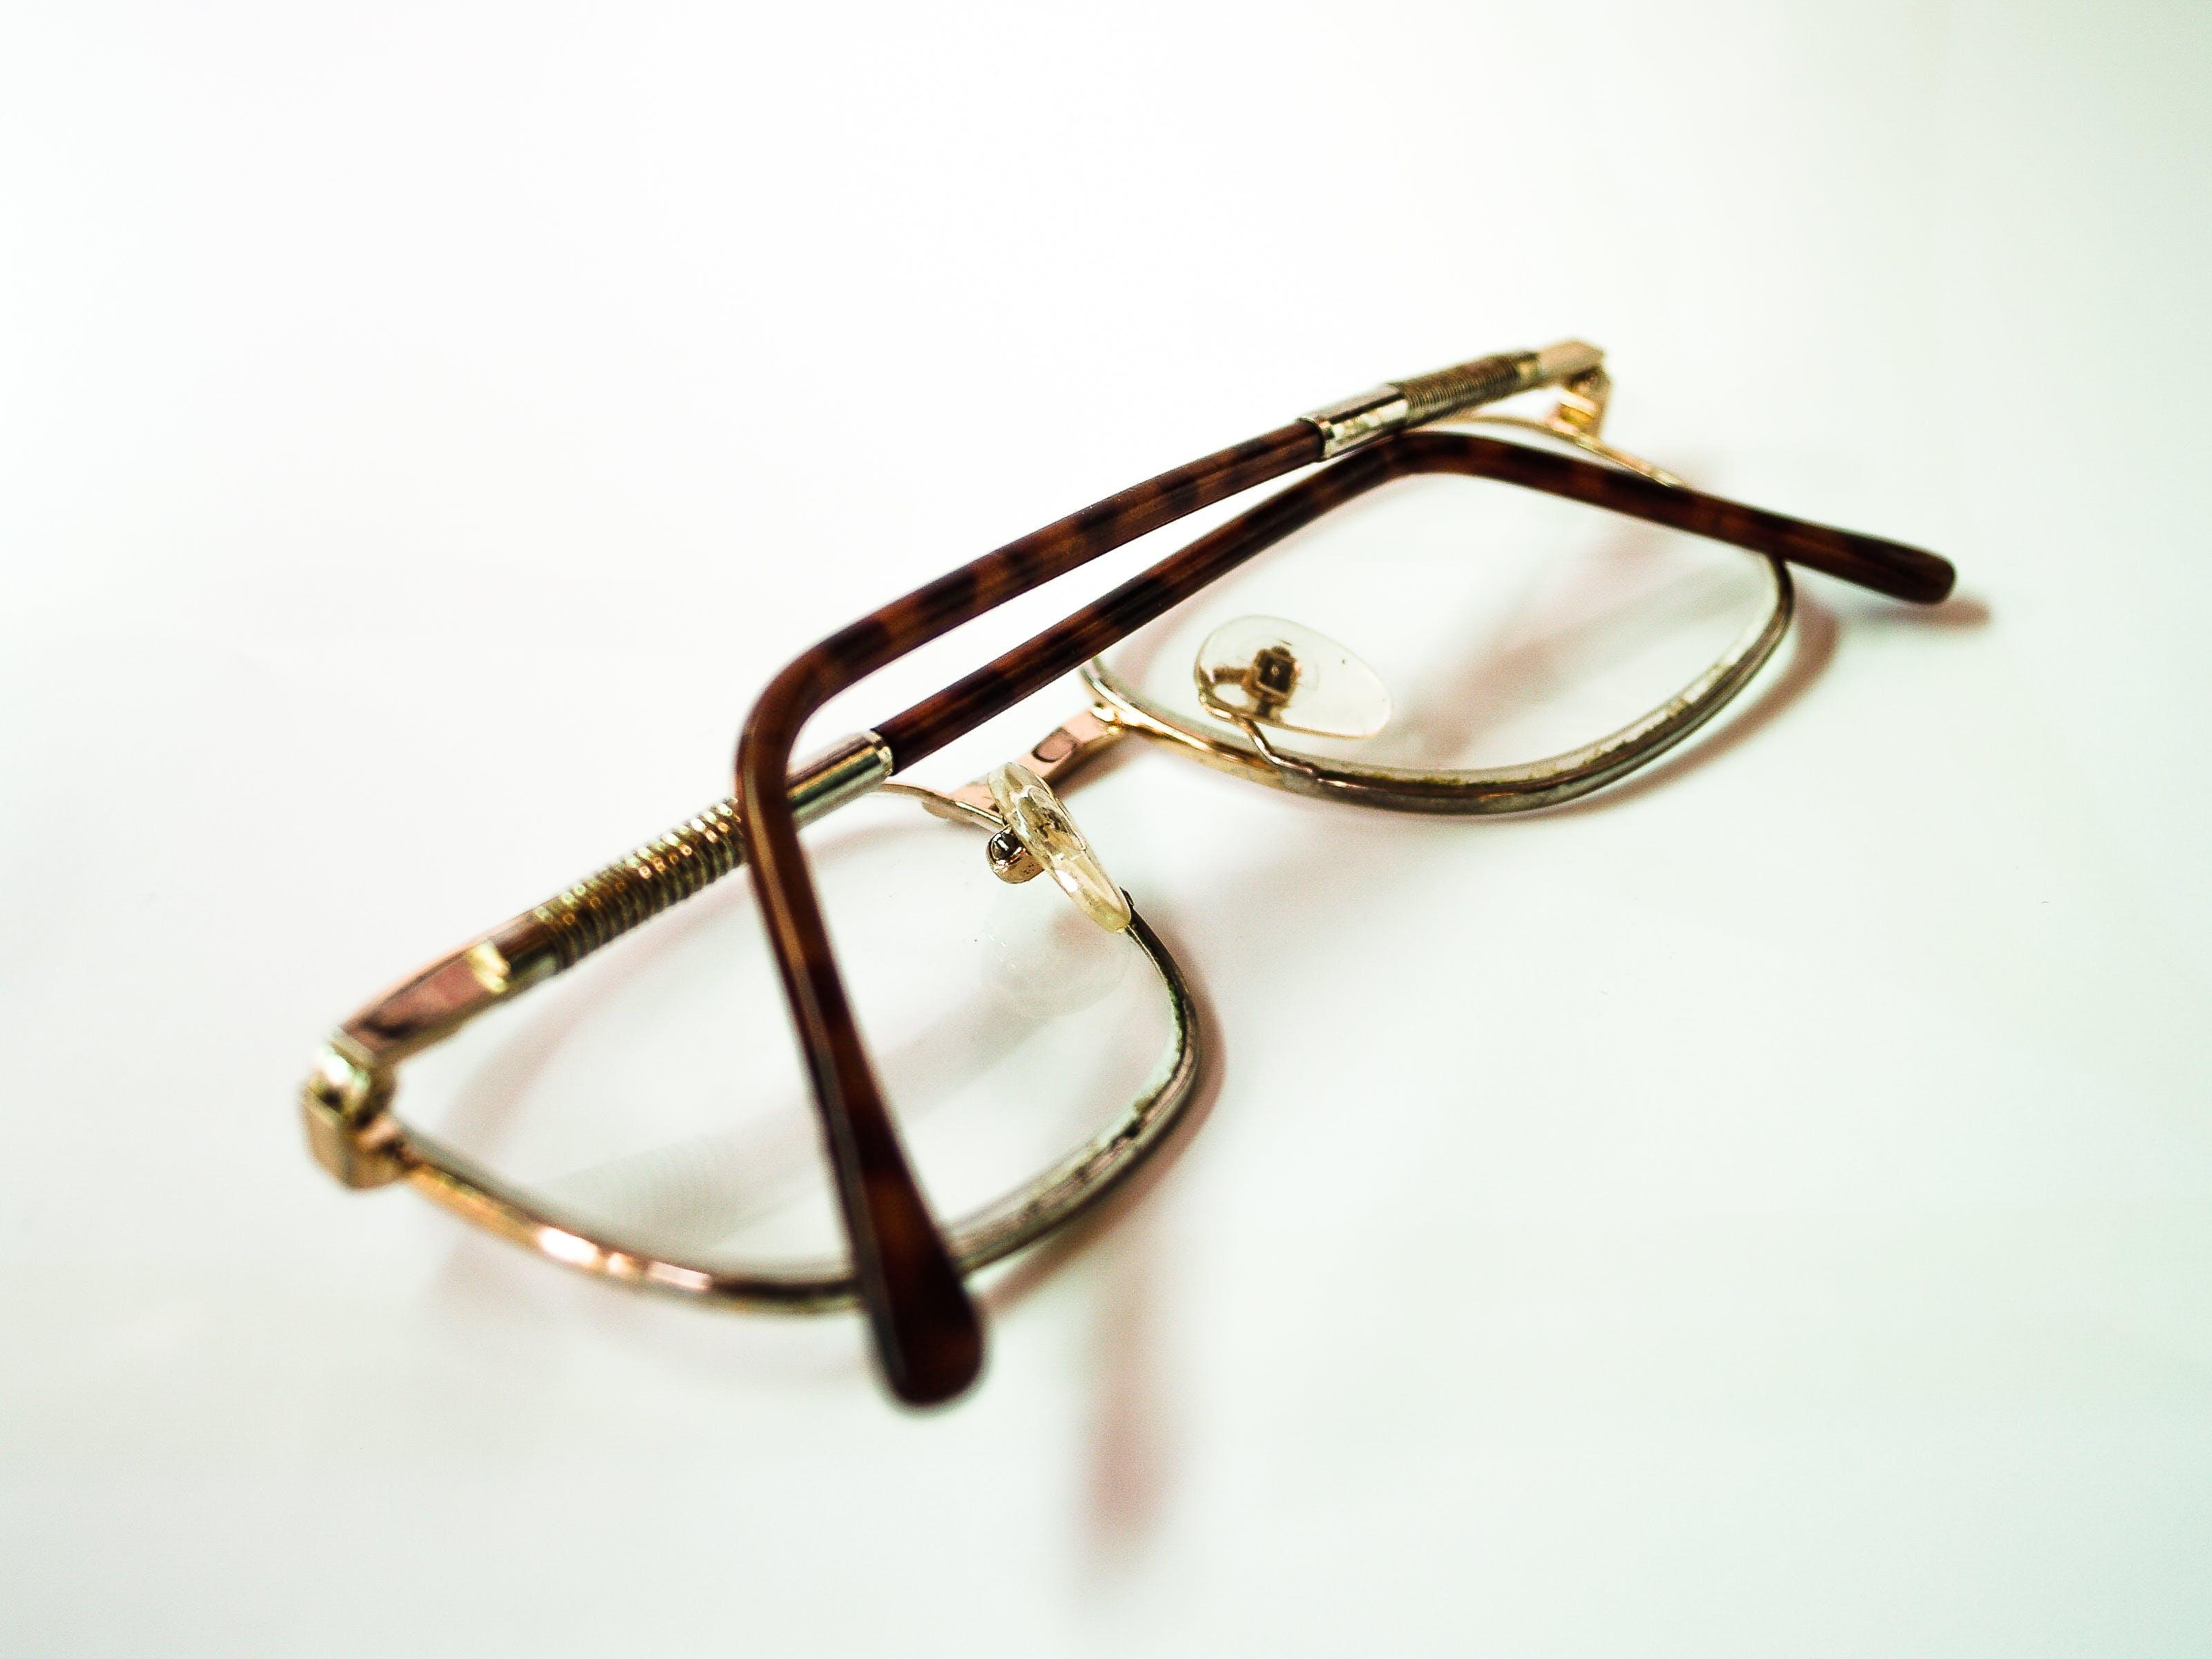 Gold Framed Eyeglasses on White Surface